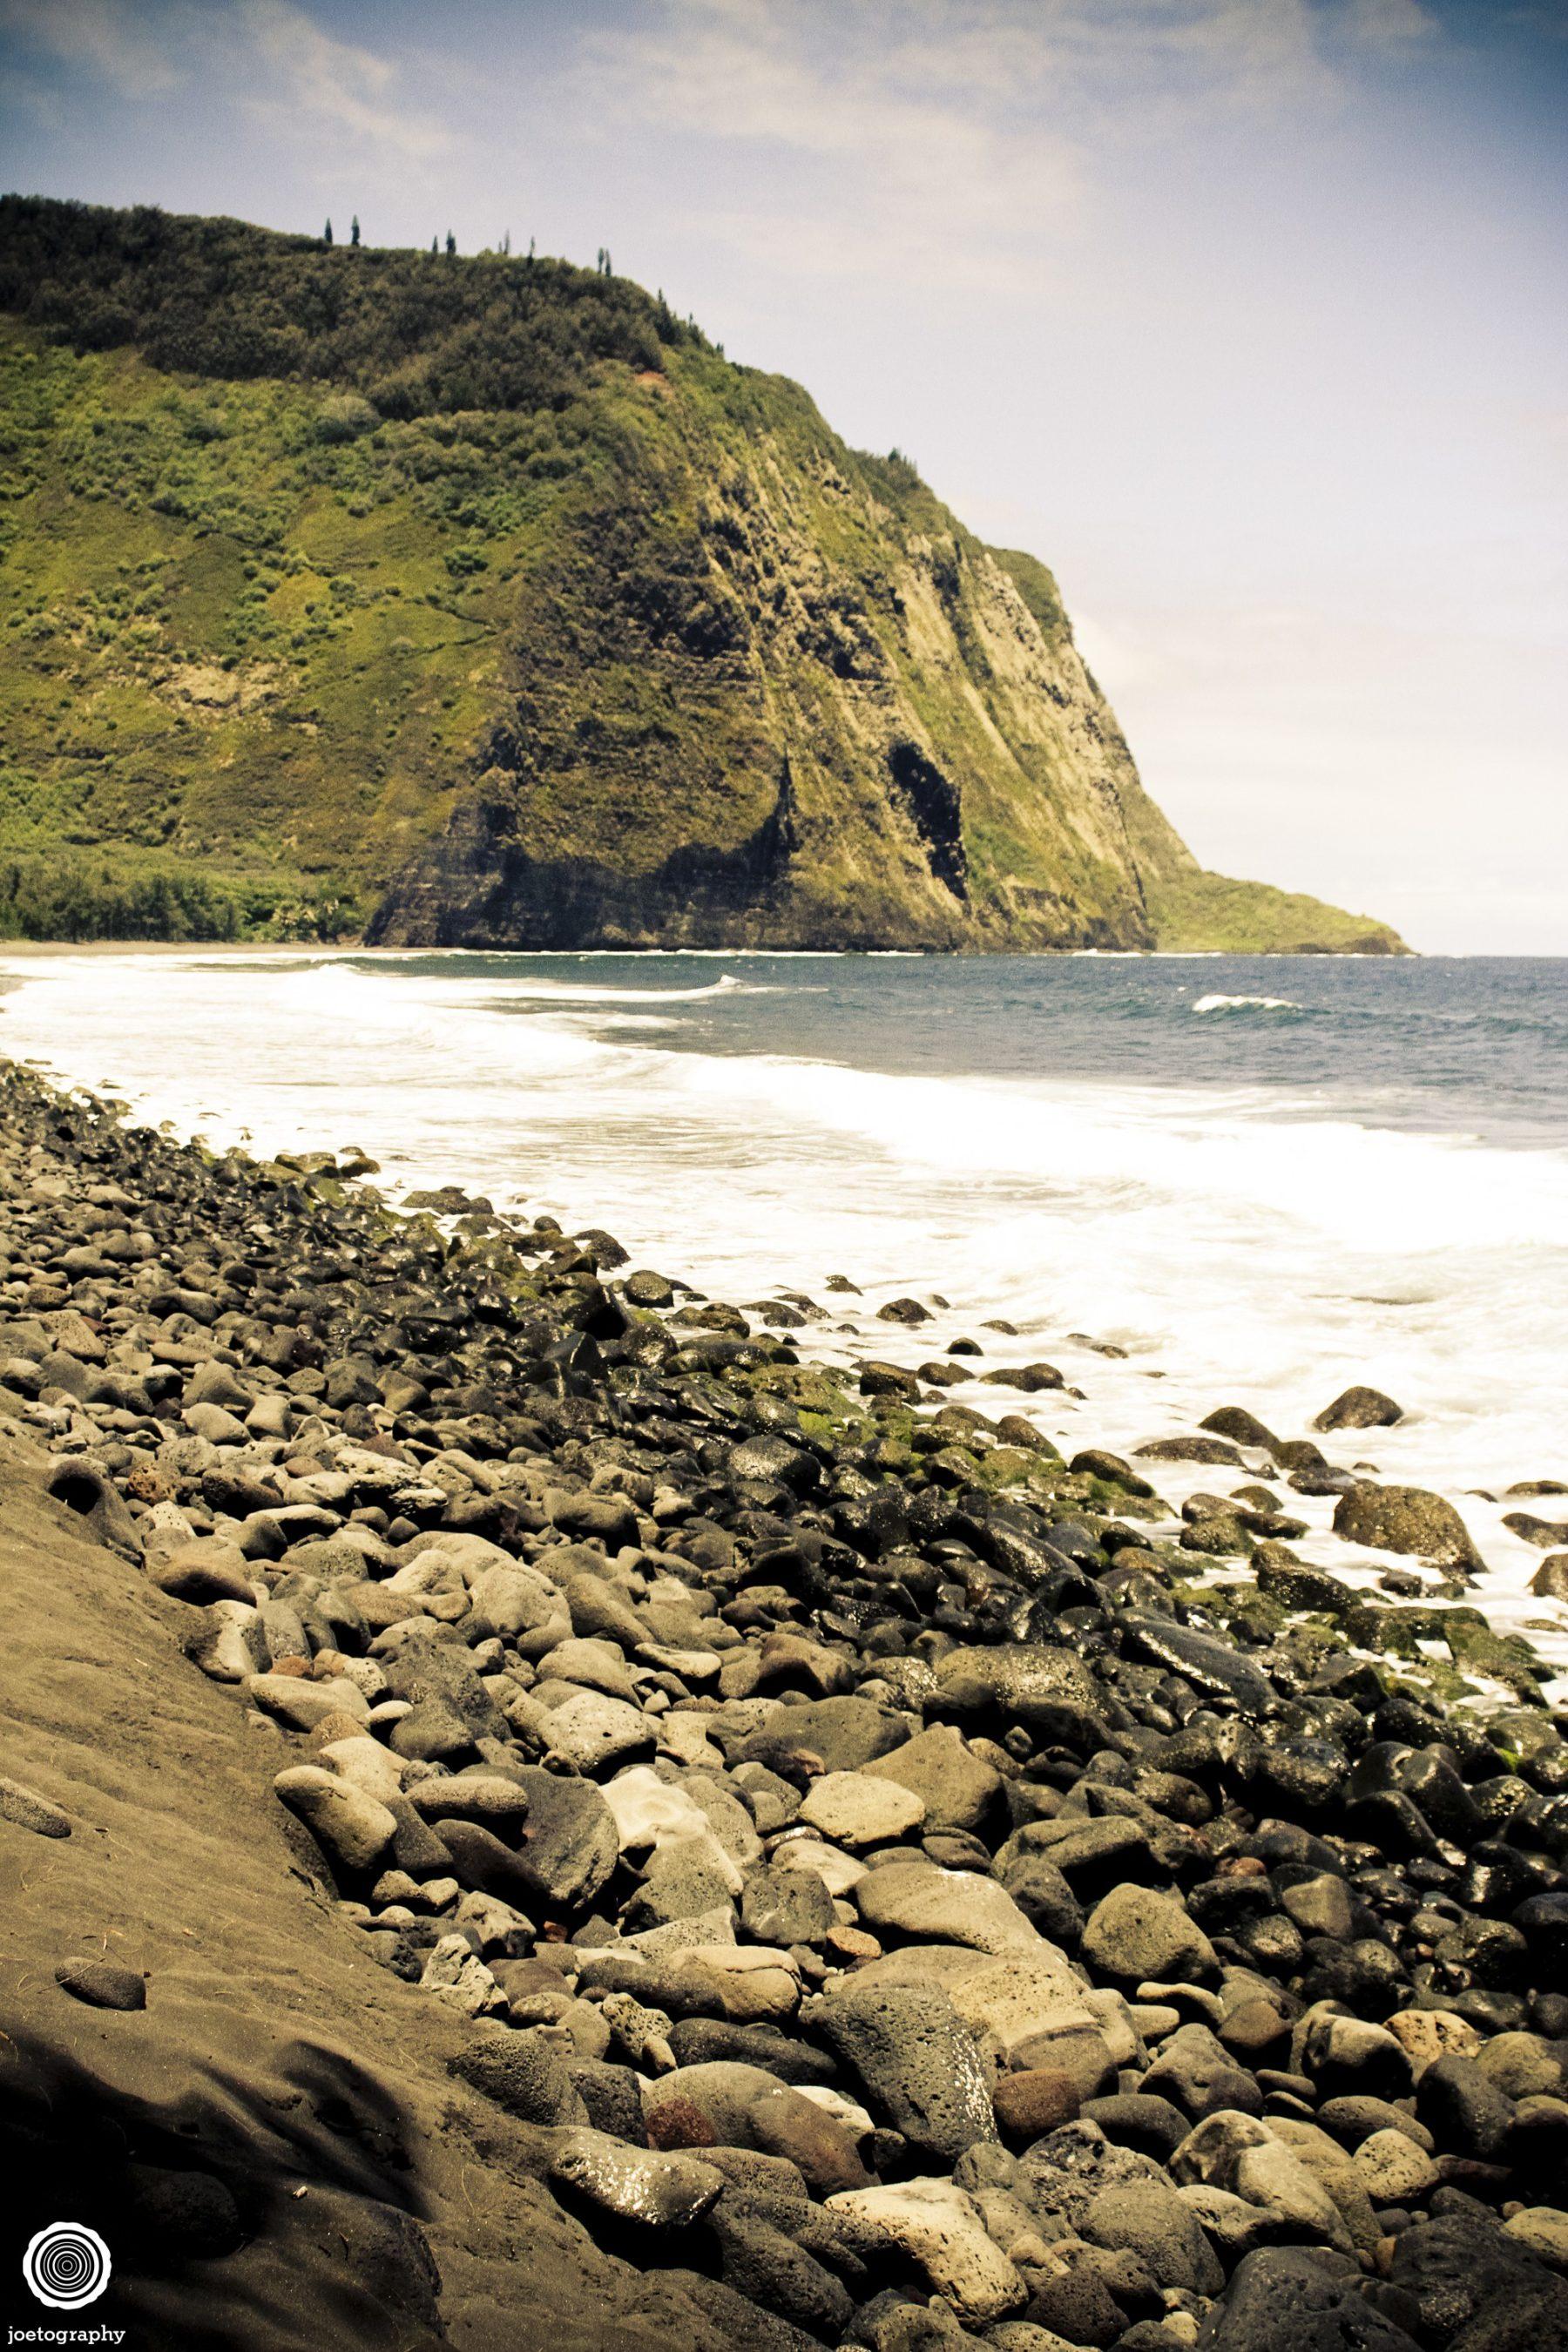 Hawaii-Big-Island-Travel-Photography-2011-14